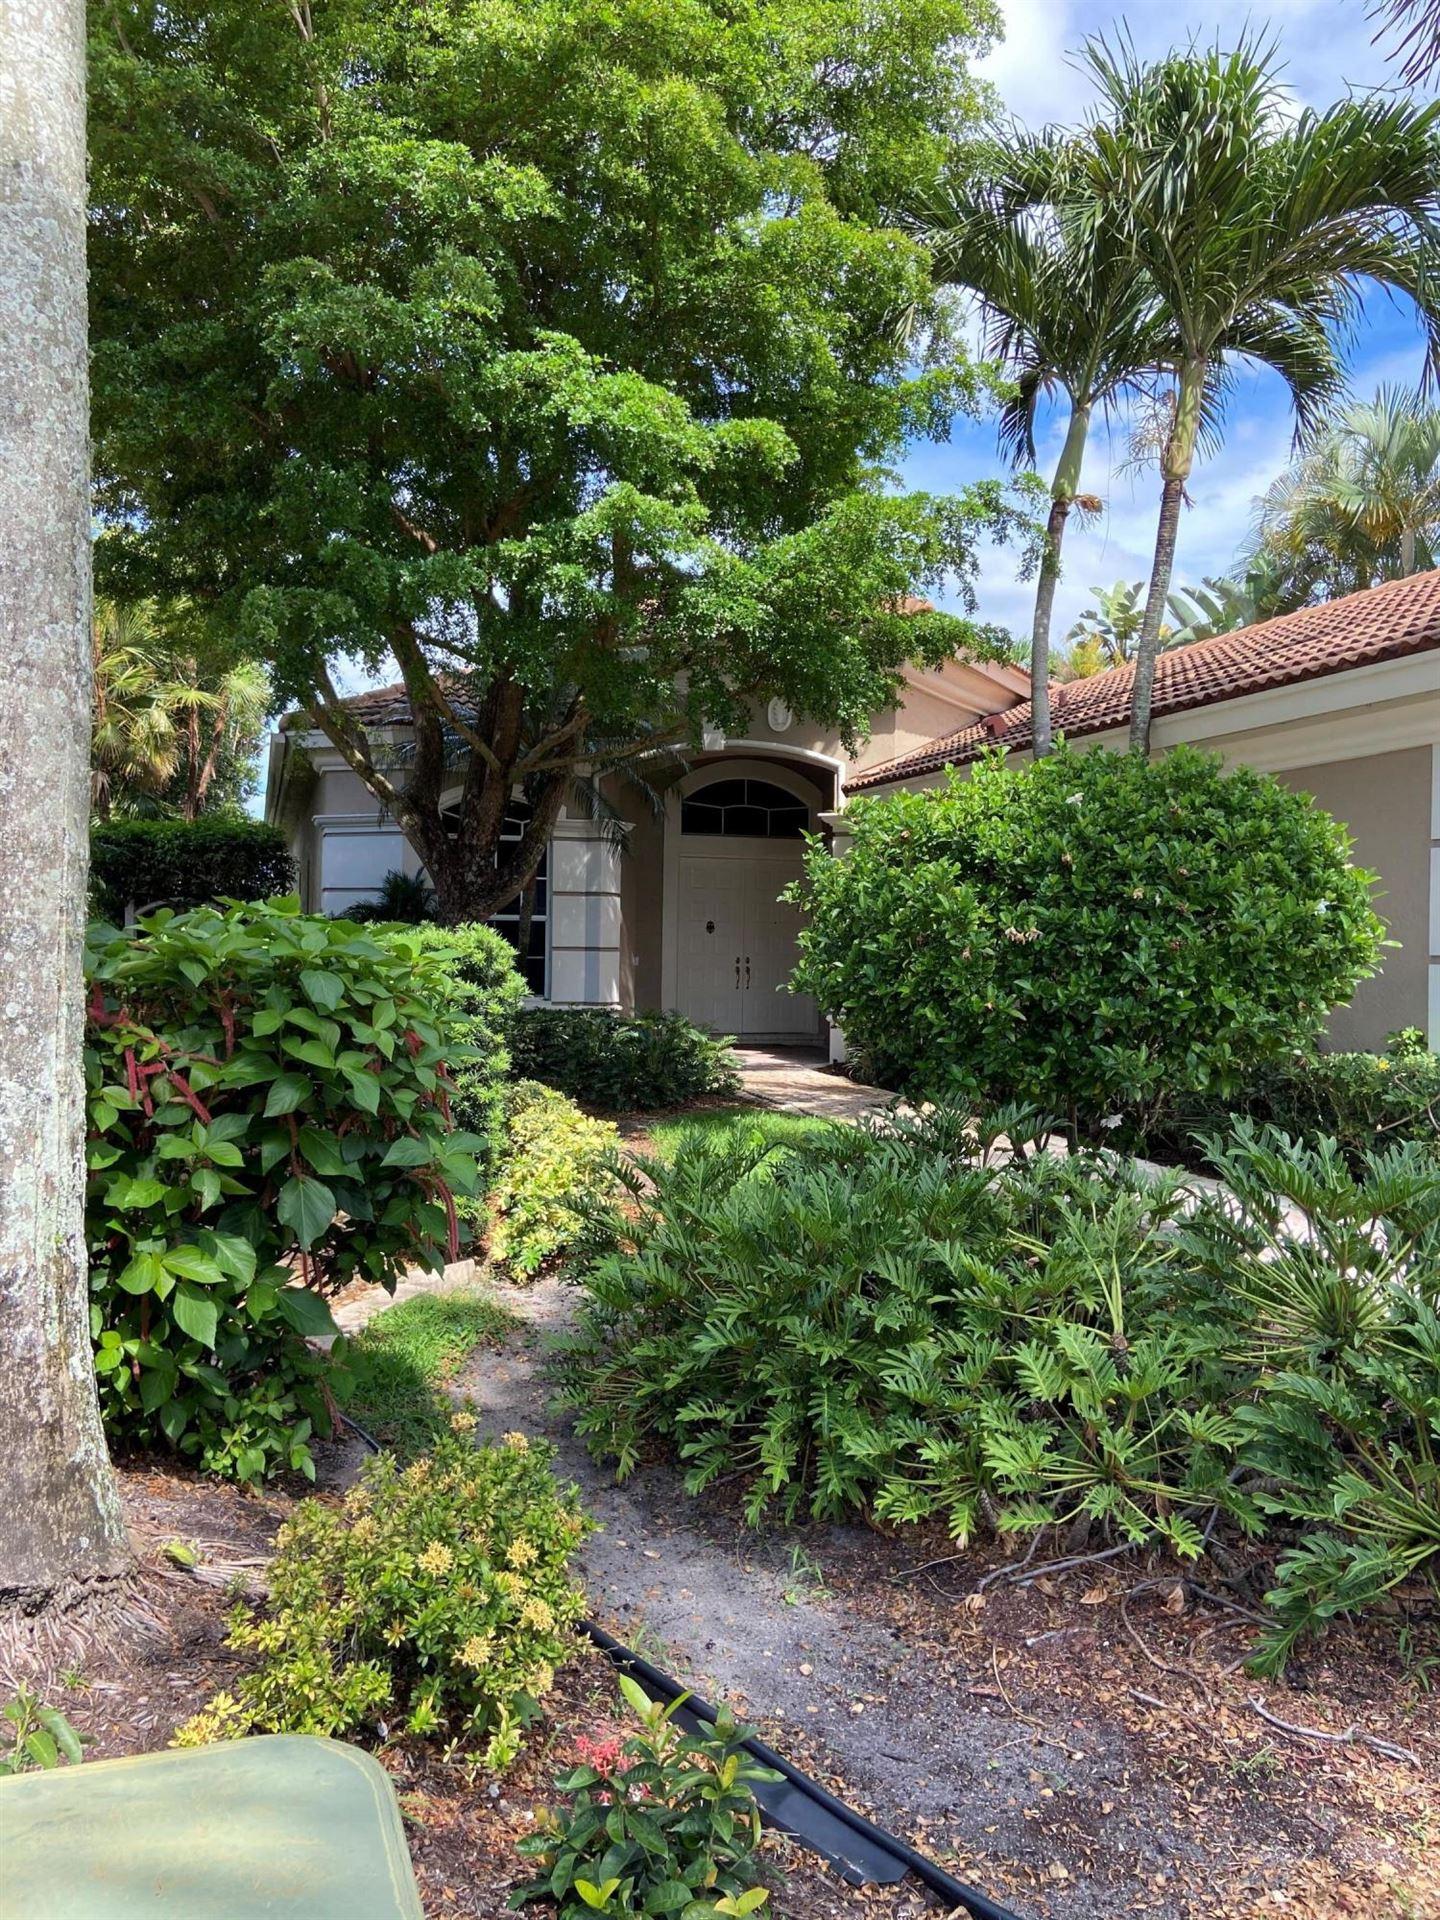 15881 Double Eagle Trail, Delray Beach, FL 33446 - #: RX-10688940